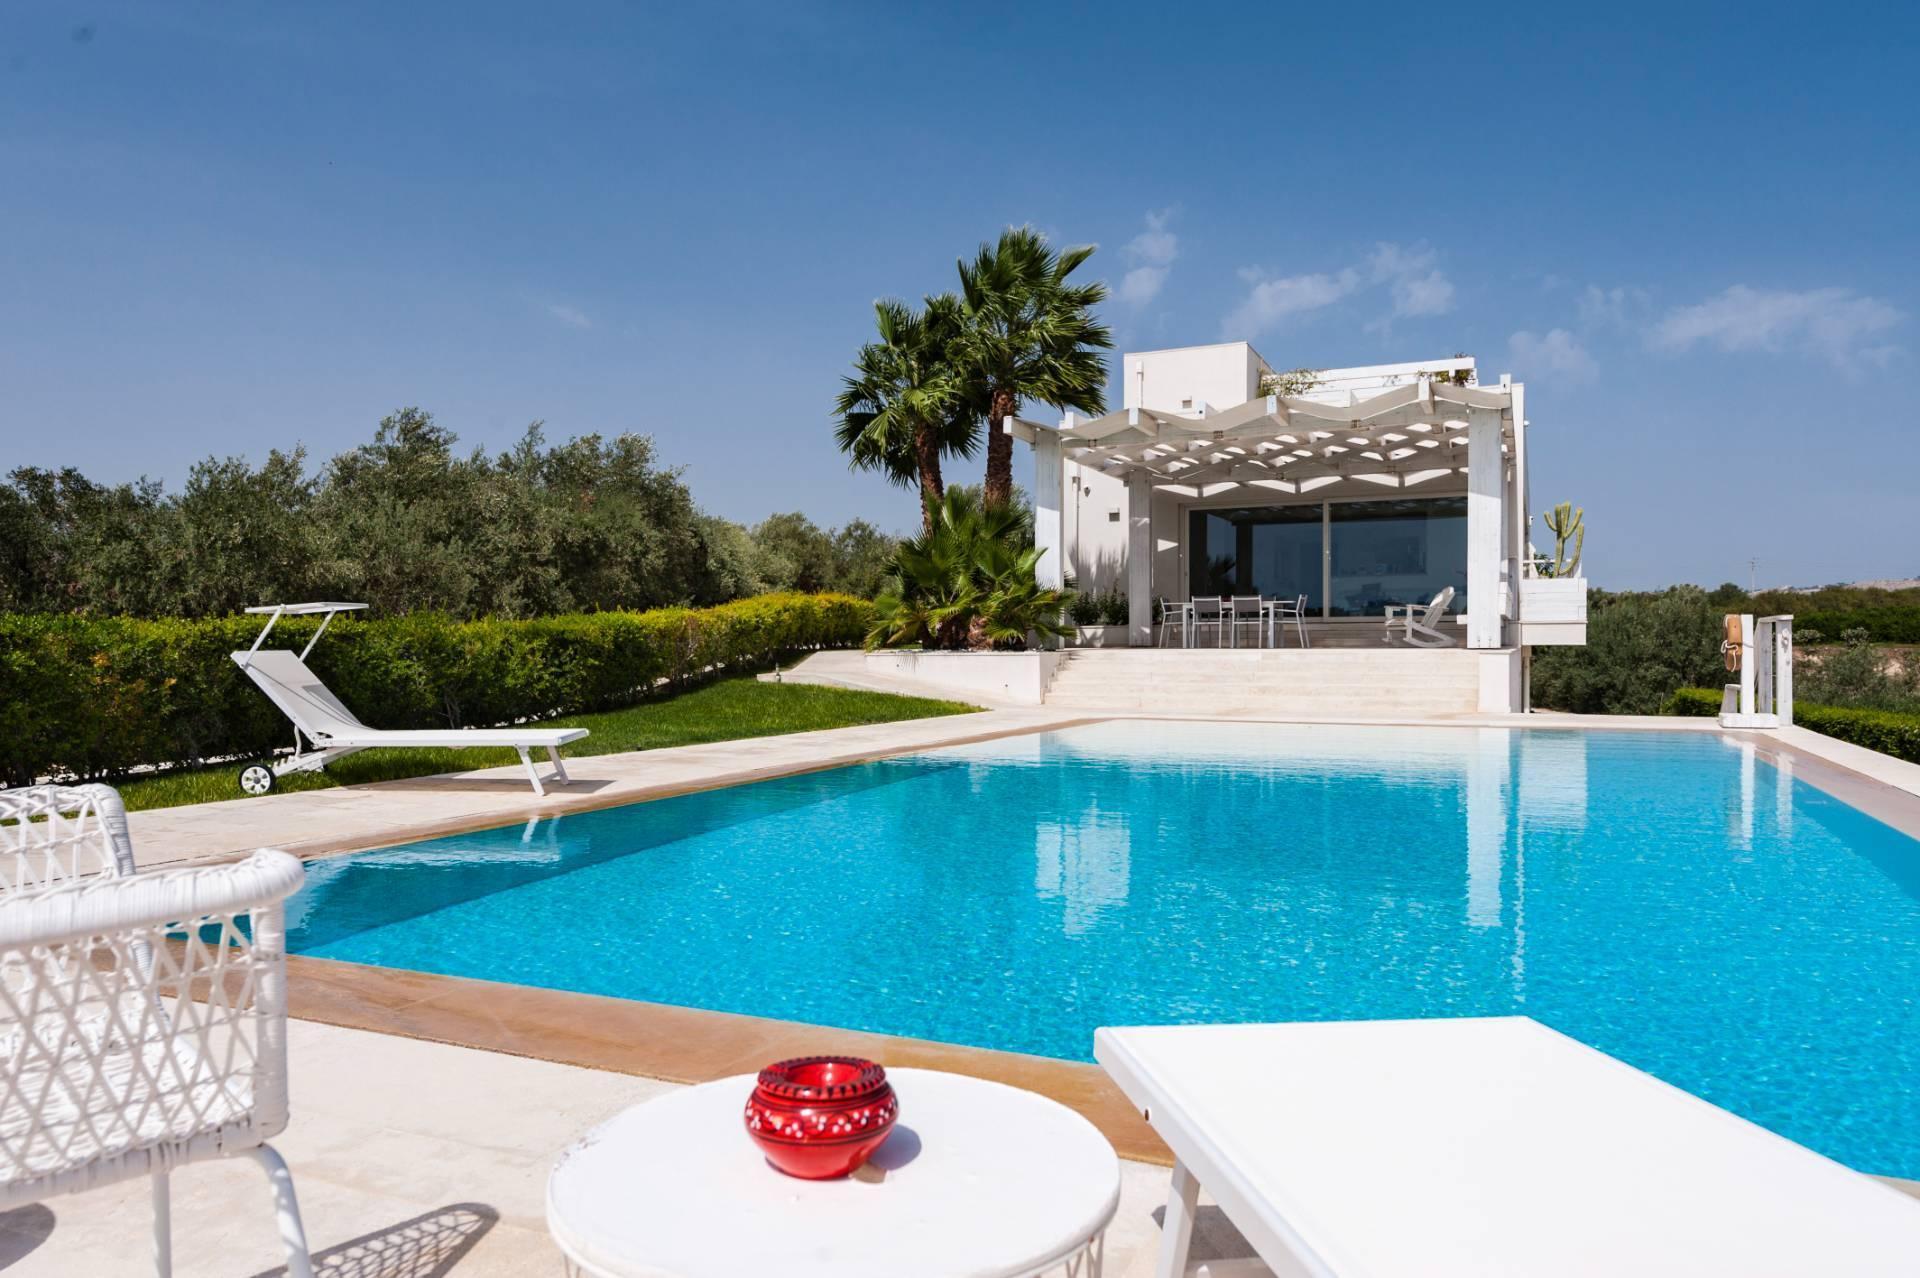 Villa prestigiosa con piscina vista mare - 1